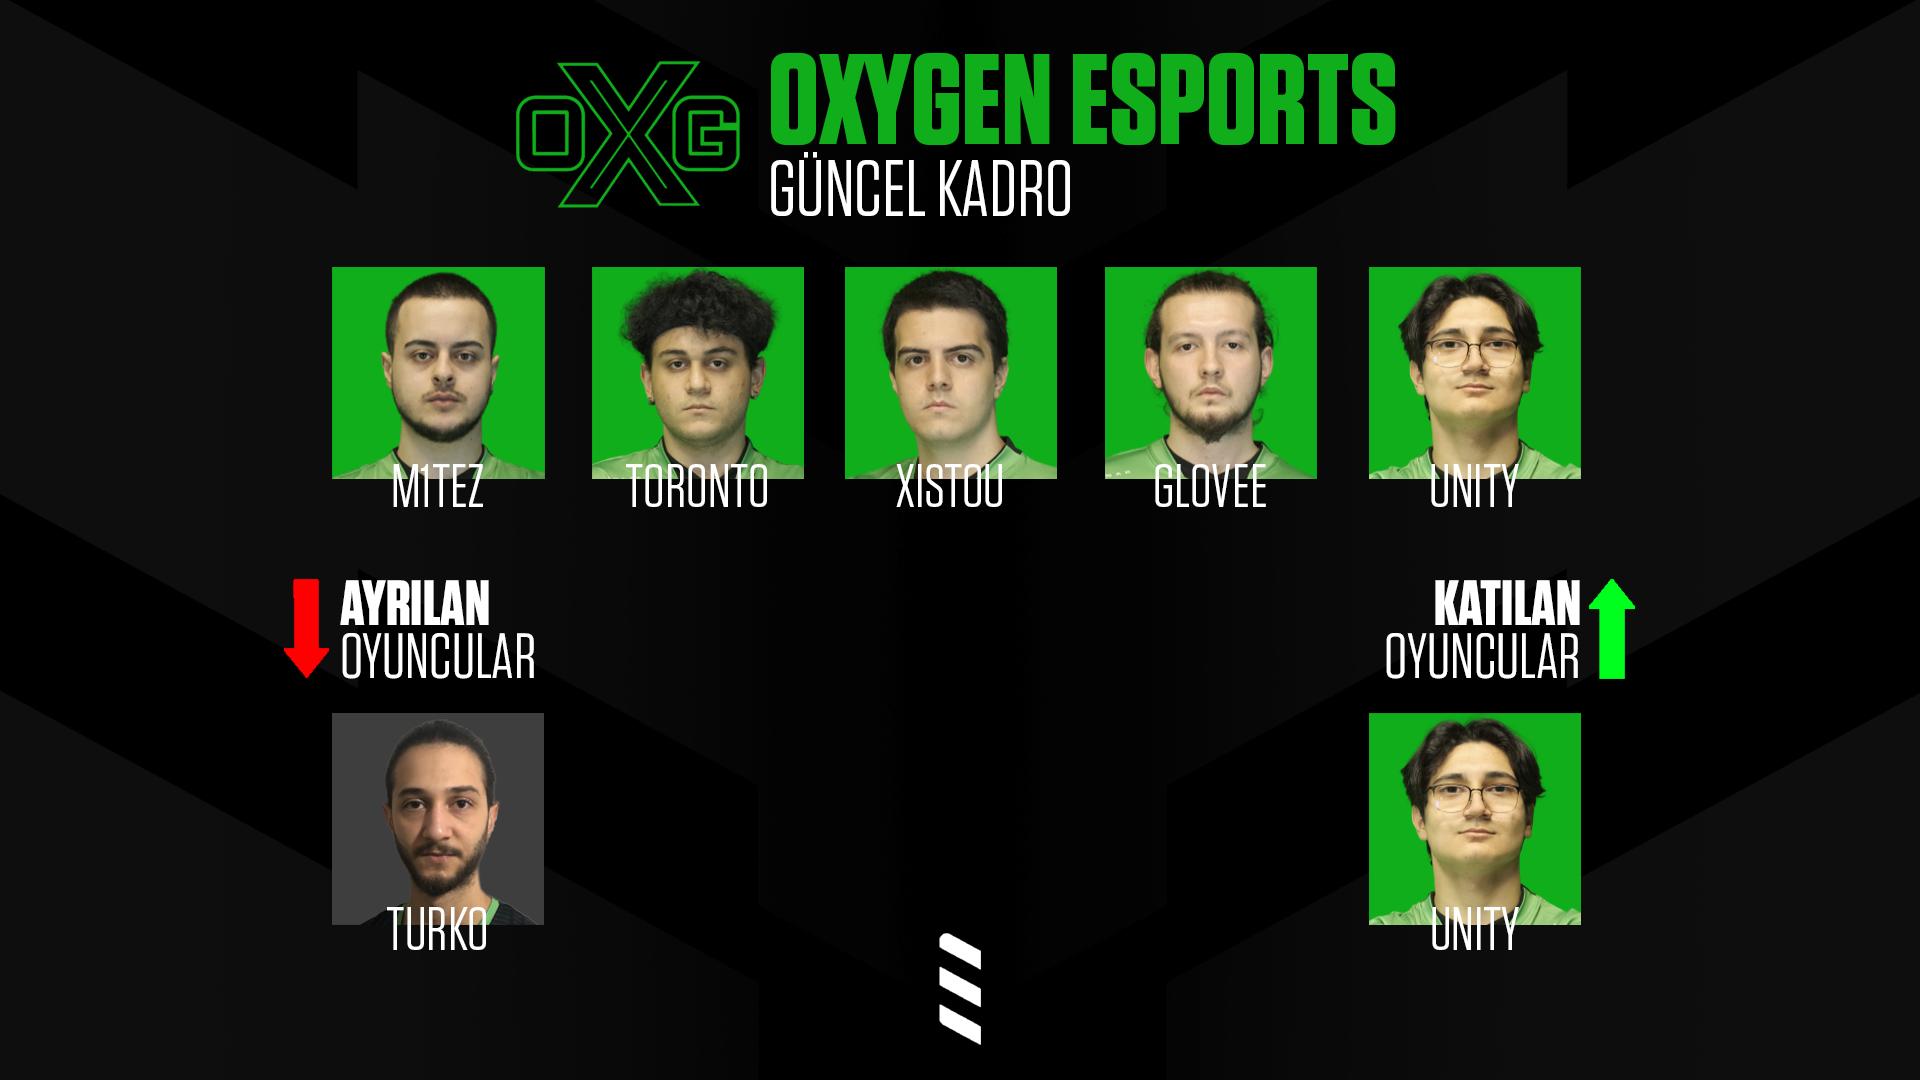 """Esporkolik Twitter પર: """"🔹 Oxygen Esports EMEA Finallerinde yarı final  oynama başarısı gösteren Oxygen Esports, takımdan ayrılan Turko'nun yerini  Unity ile doldurdu.… https://t.co/wcQdUI3yQP"""""""